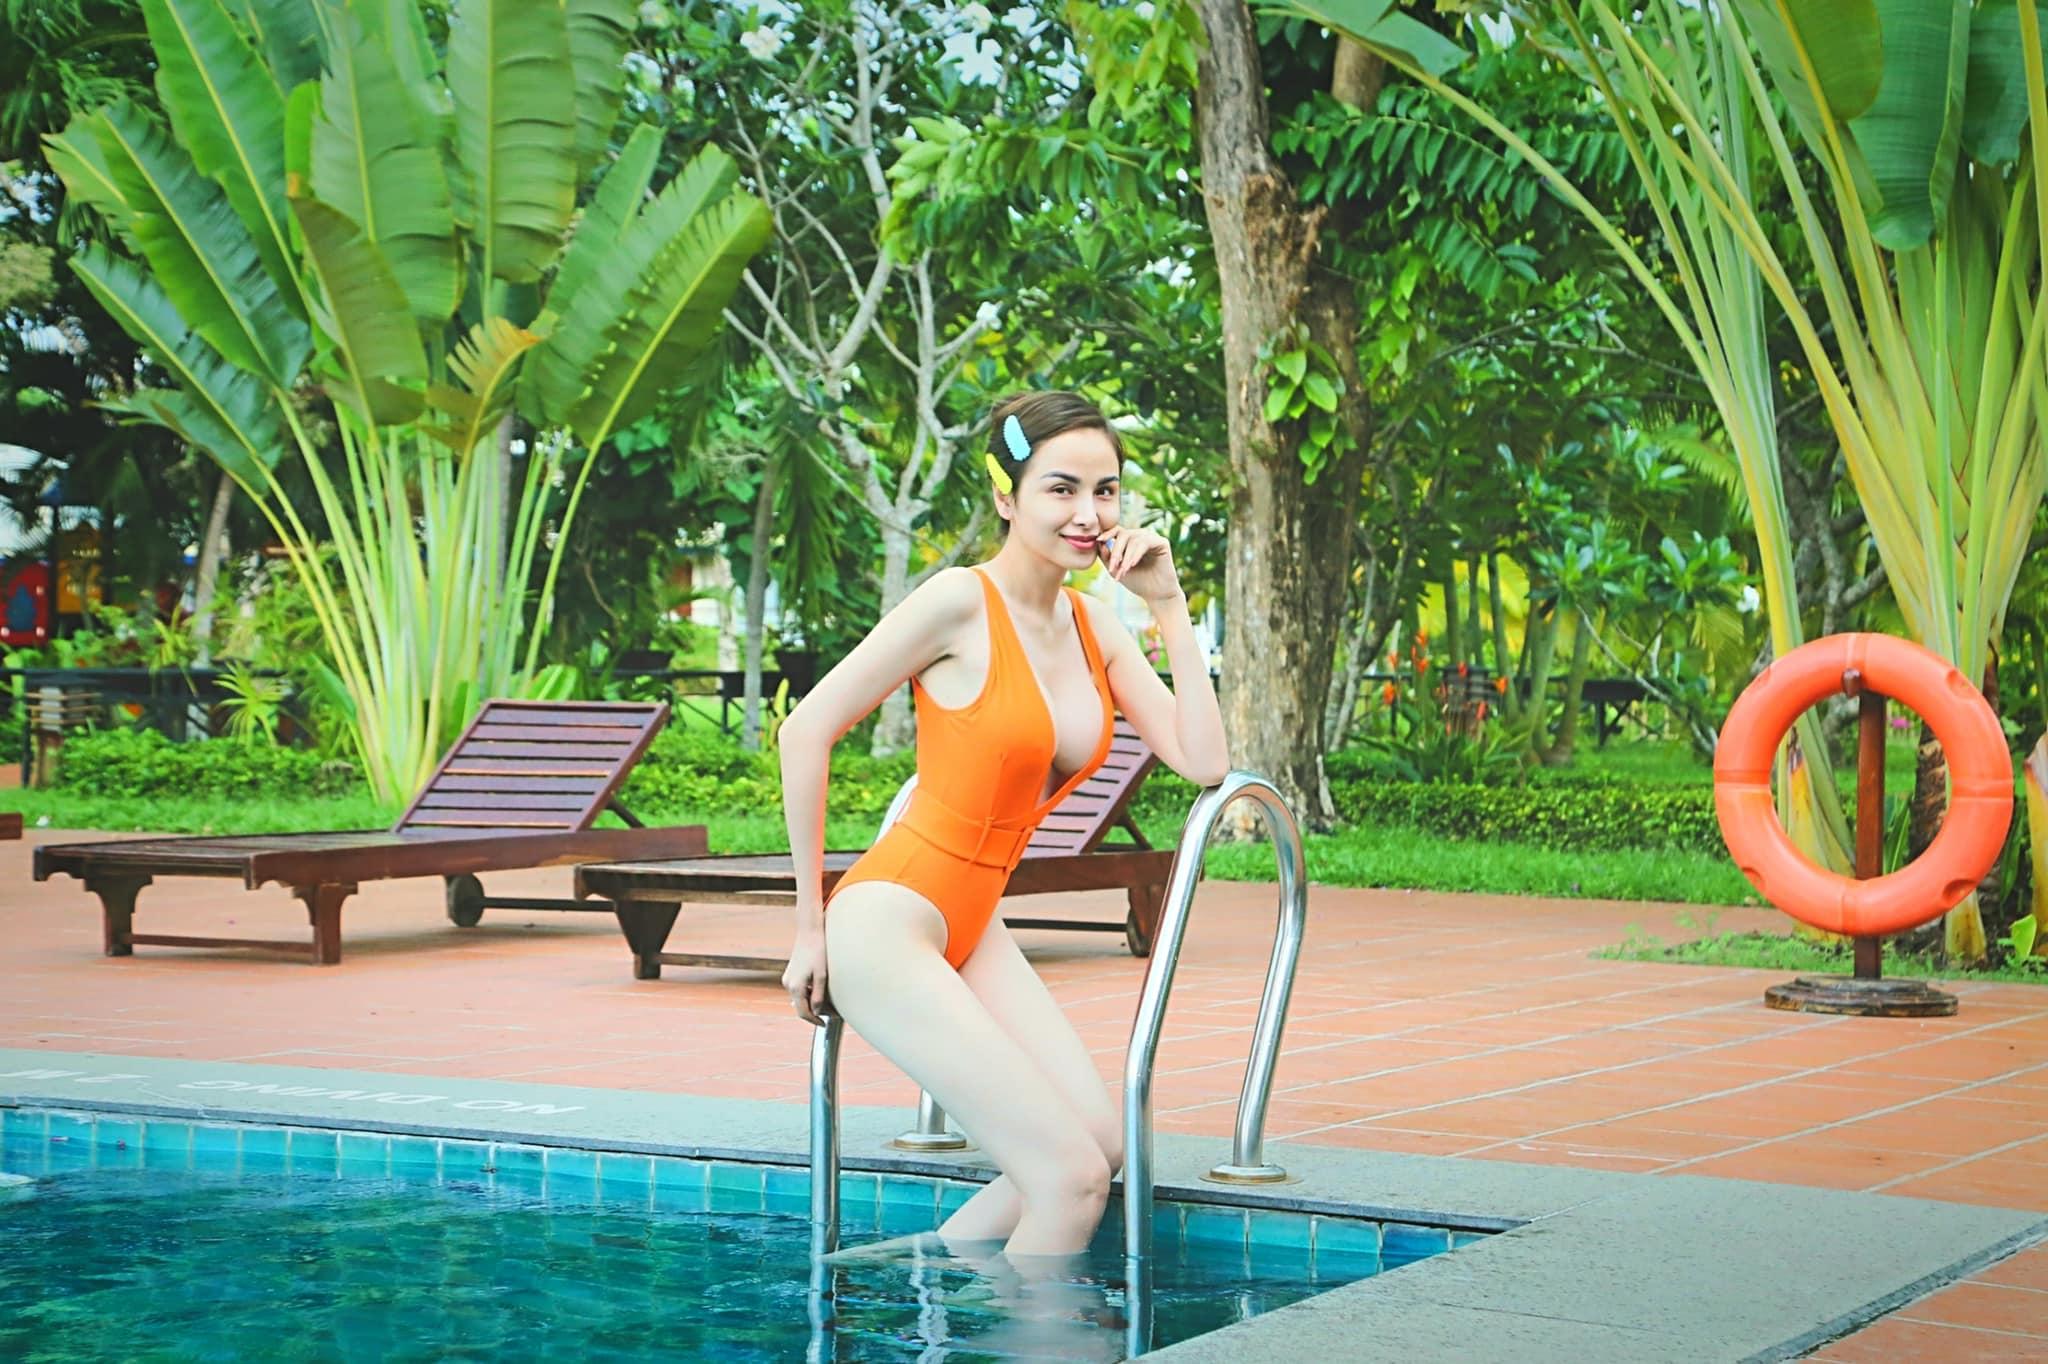 Vừa lộ cát-xê 2 tỷ đồng, mỹ nhân Việt hớp hồn với vẻ đẹp phồn thực - hình ảnh 3